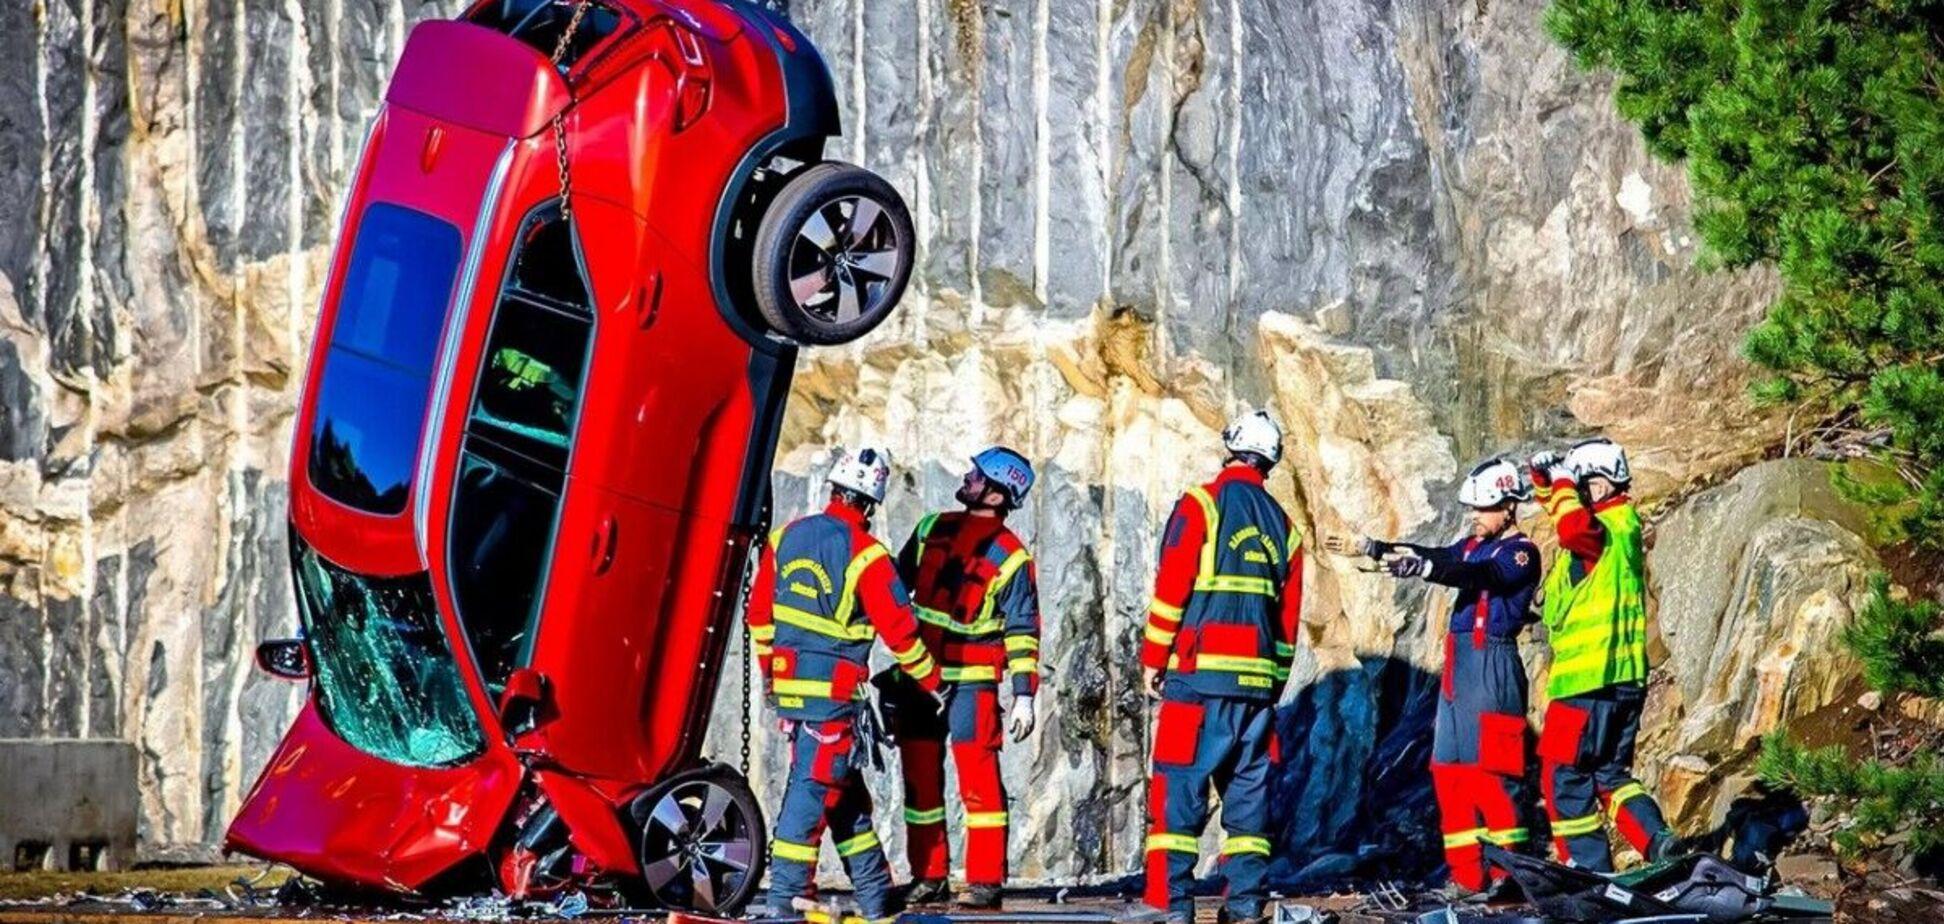 Десяток новых автомобилей Volvo сбросили с высоты 9-этажного дома